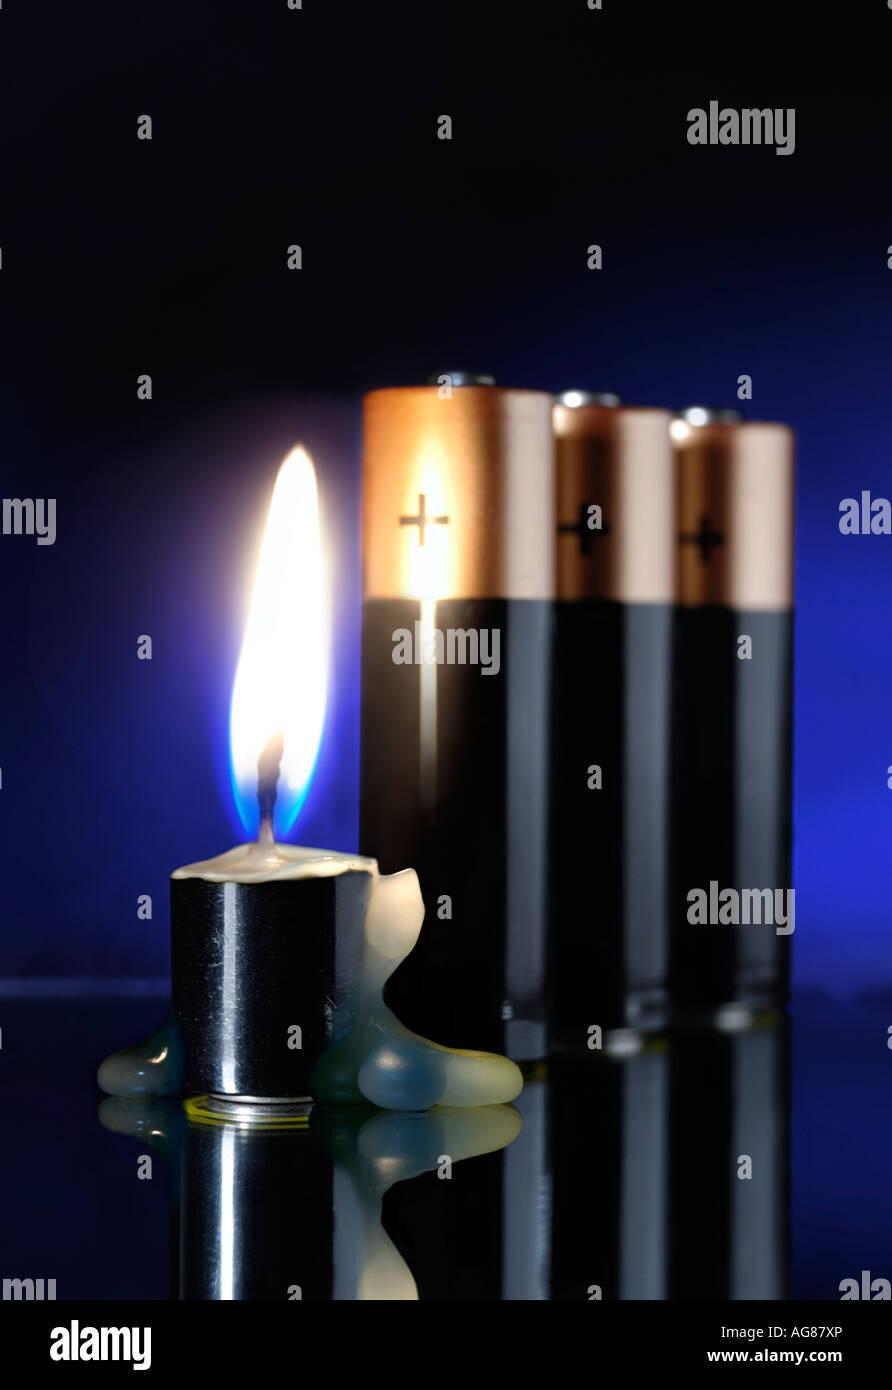 Batterie, brennt wie eine Kerze Strom Energiequellen und Konservierungskonzept Stockbild